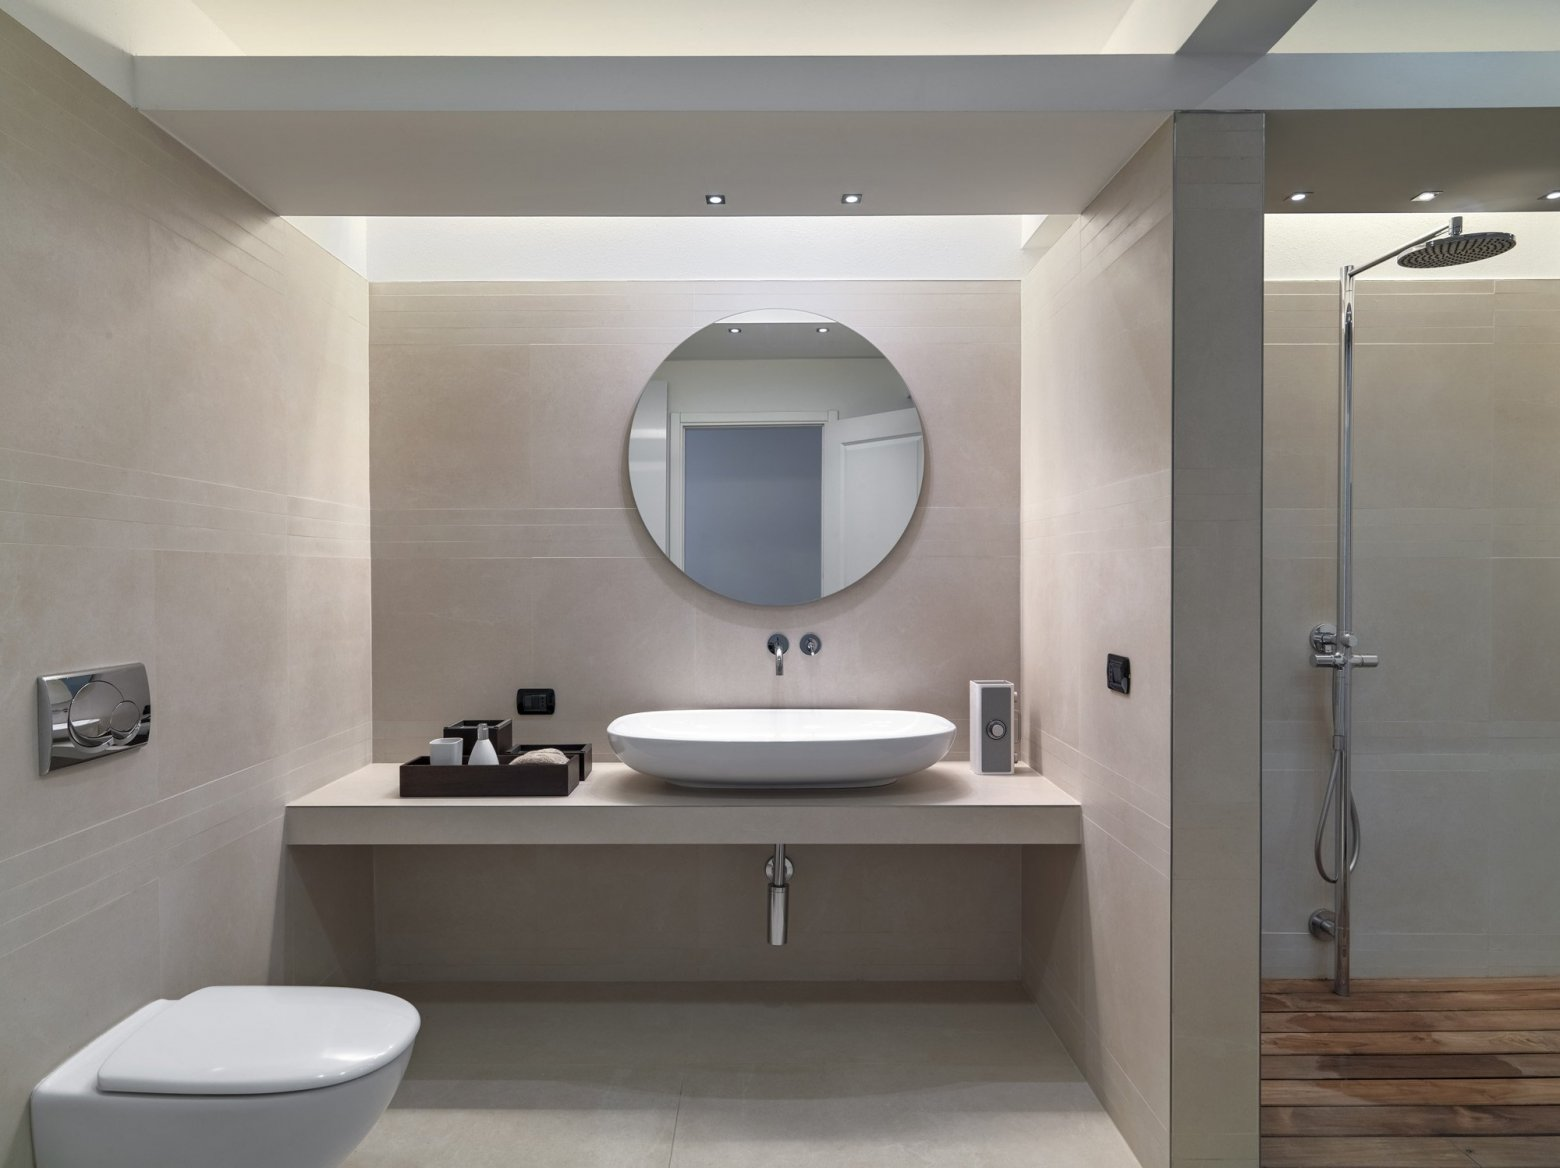 Badkamer Verbouwen Gamma : Badkamerrenovatie ga voor van calster kwaliteit aan de laagste prijs